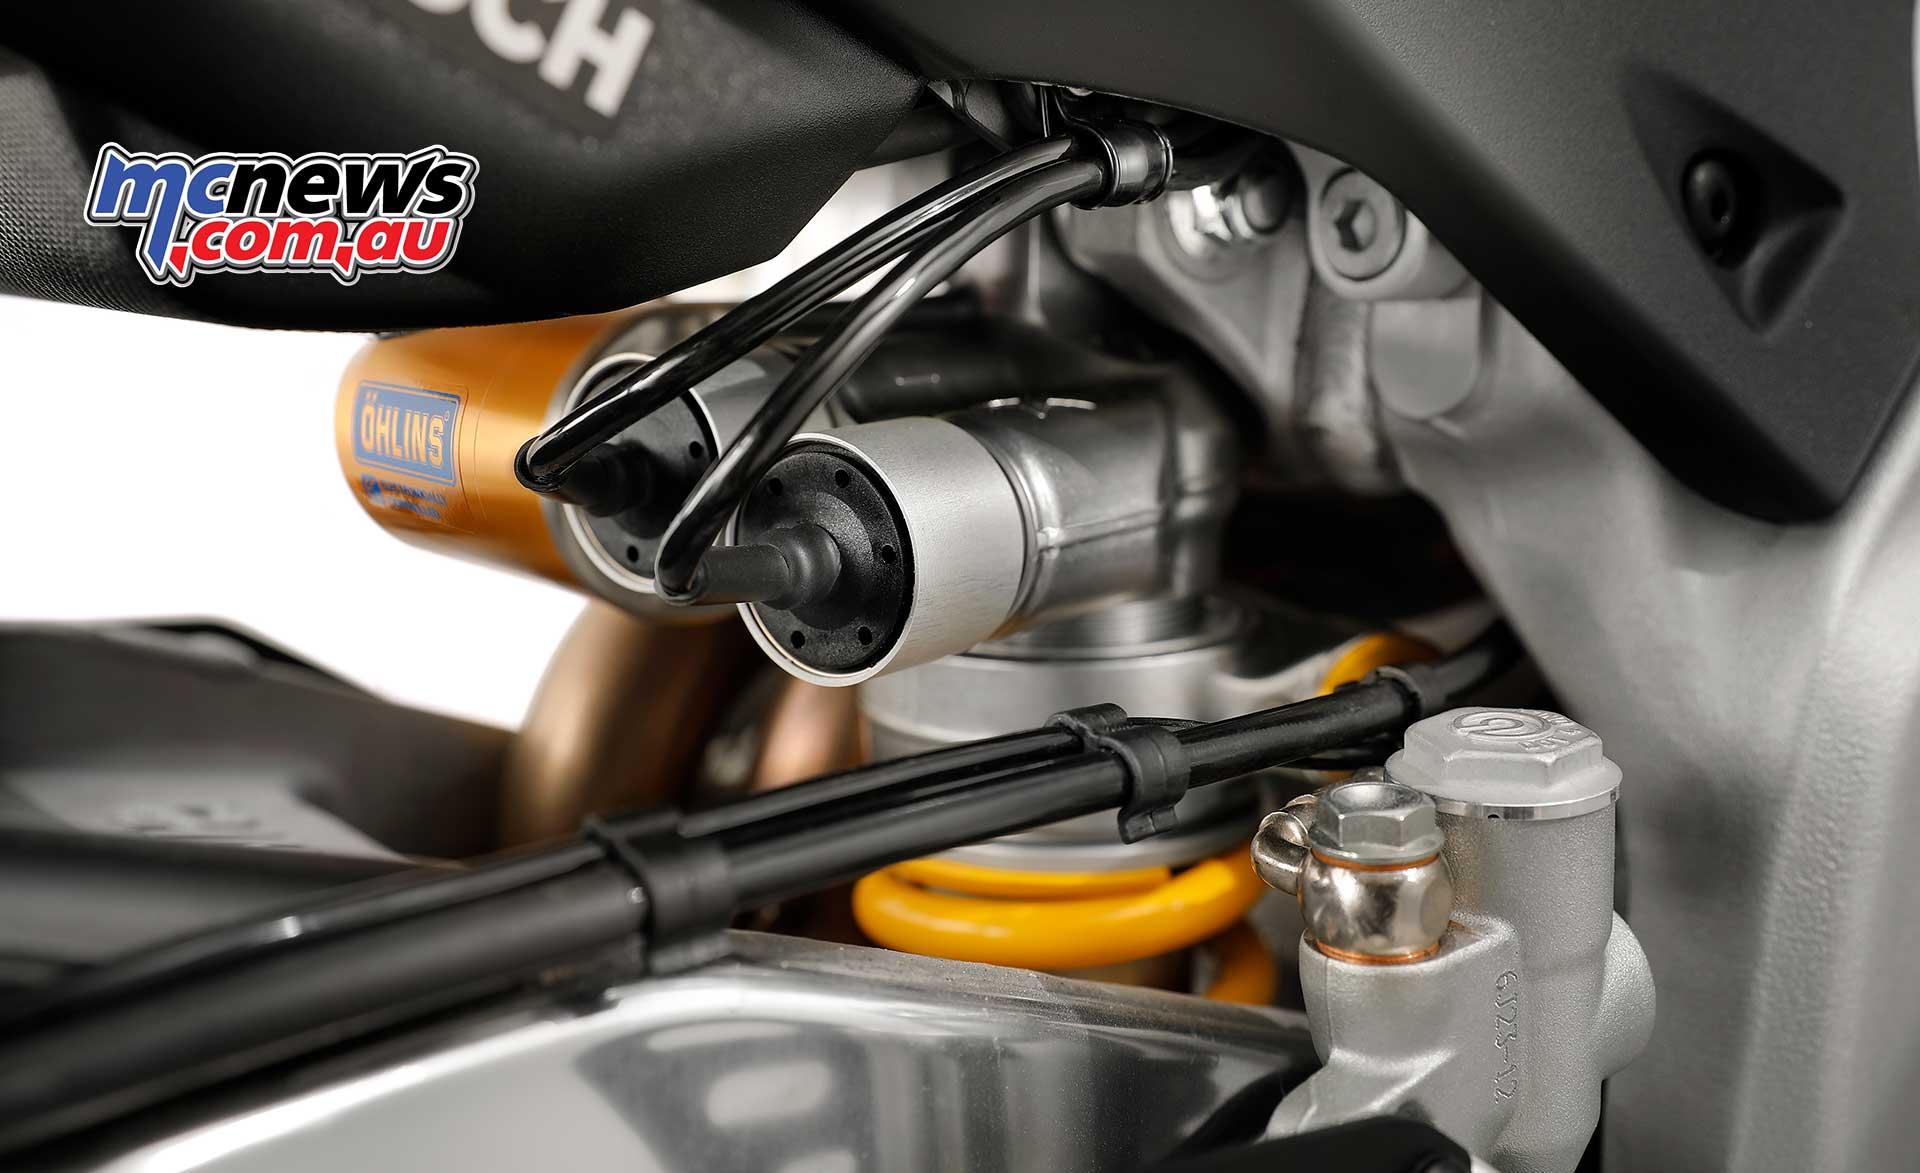 Aprilia Tuono V4 1100 Rr And Tuono V4 1100 Factory Motorcycle News Sport And Reviews